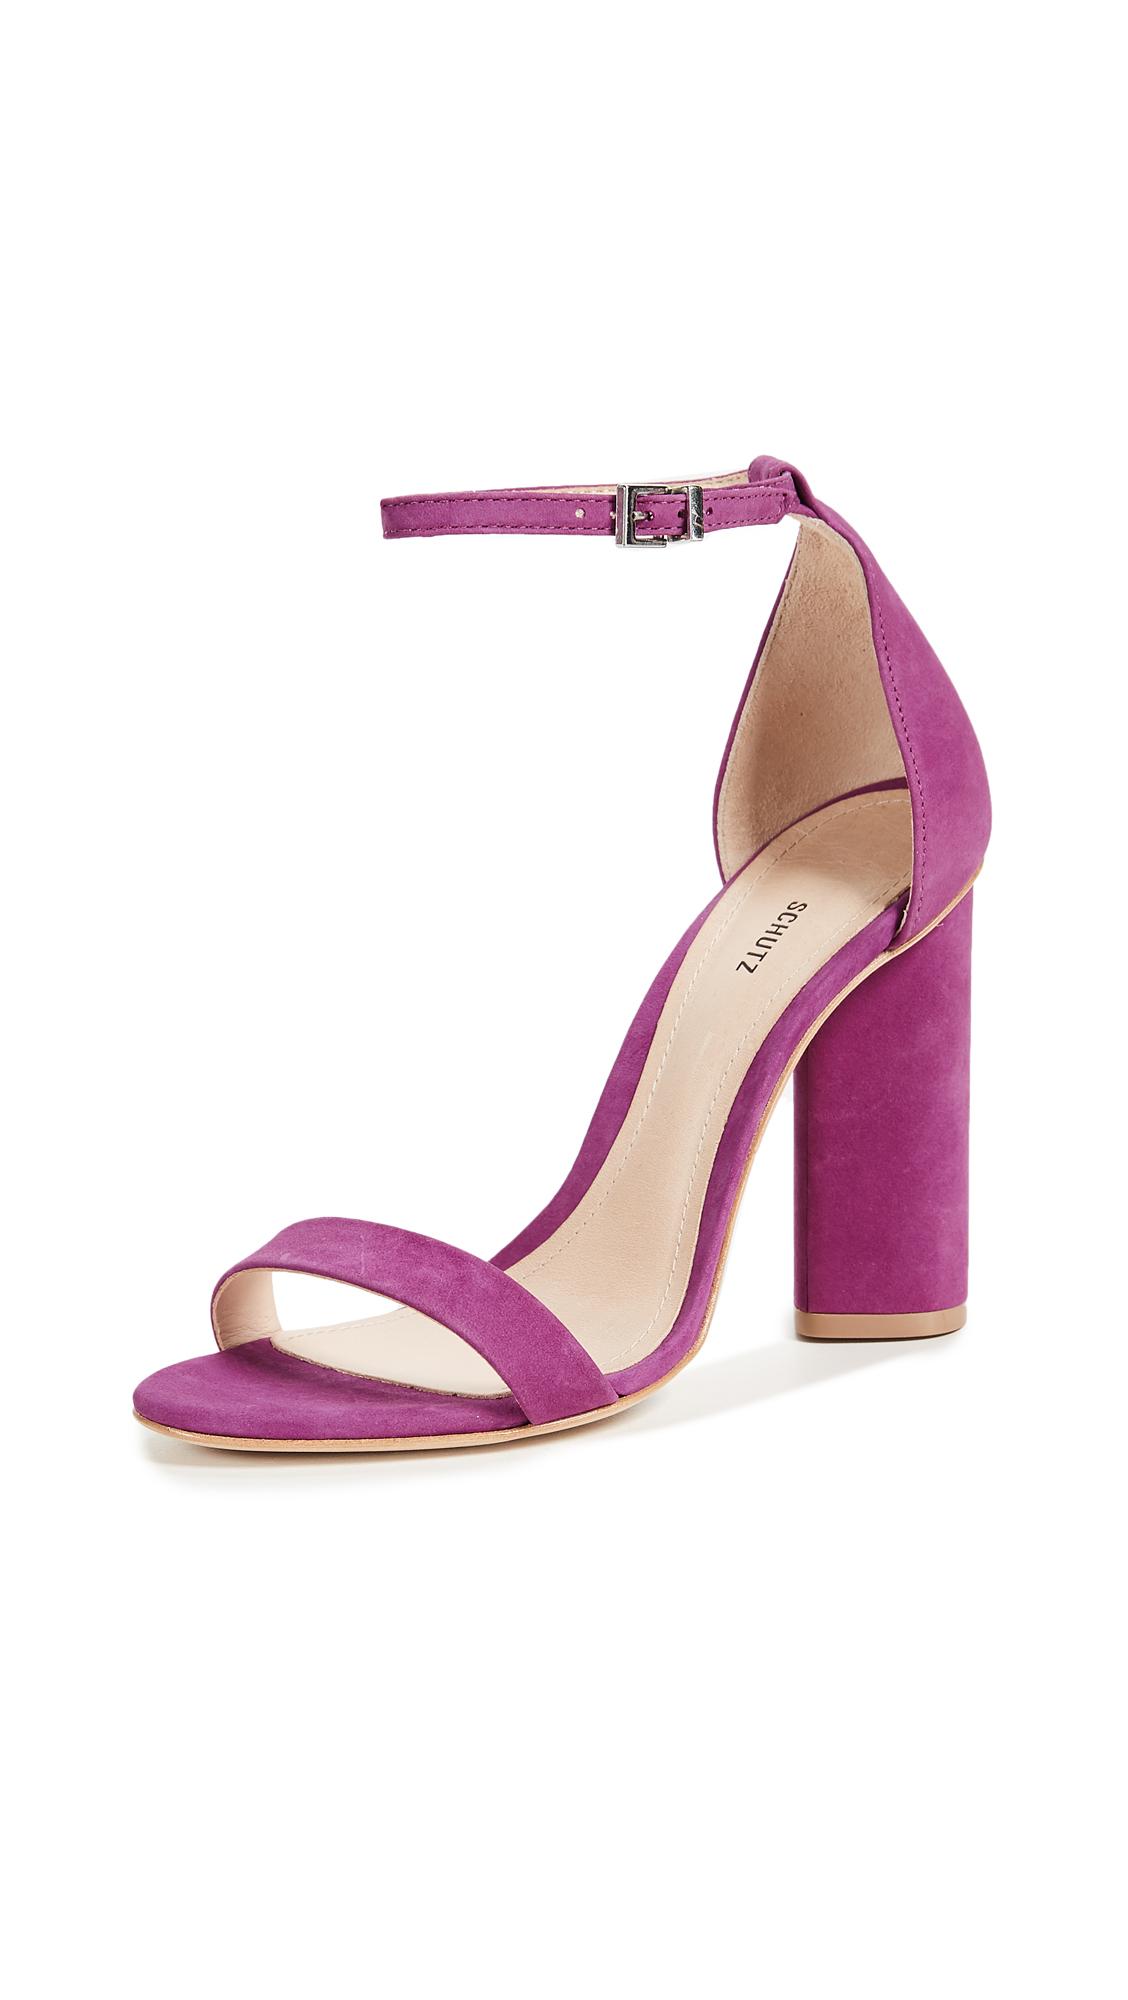 Schutz Jeannine Block Heel Sandals - Grape